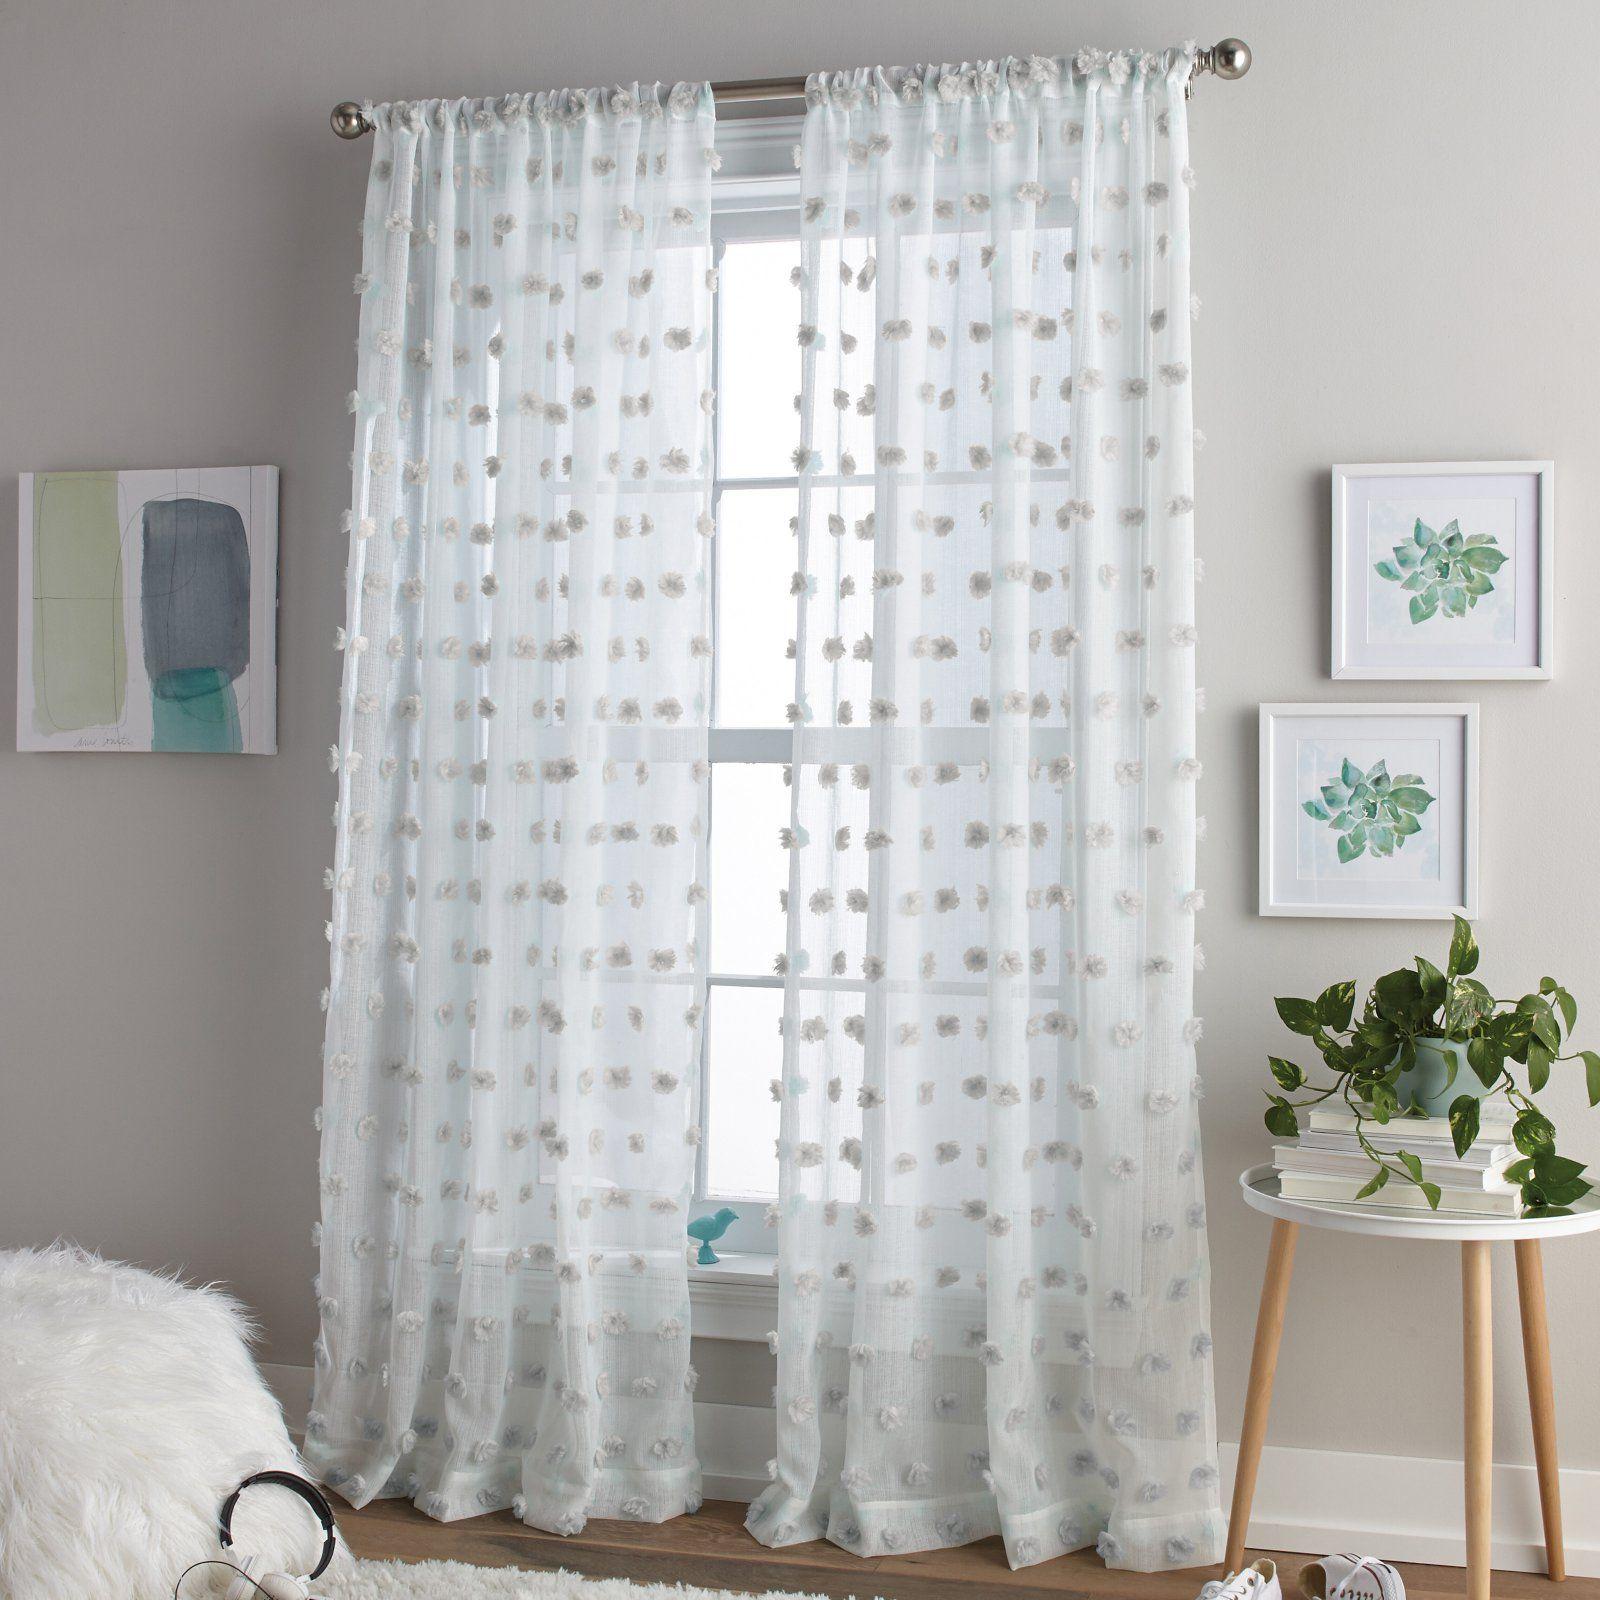 f640fab1e9840653f04568a46e37c36e - Better Homes And Gardens Linen Curtains